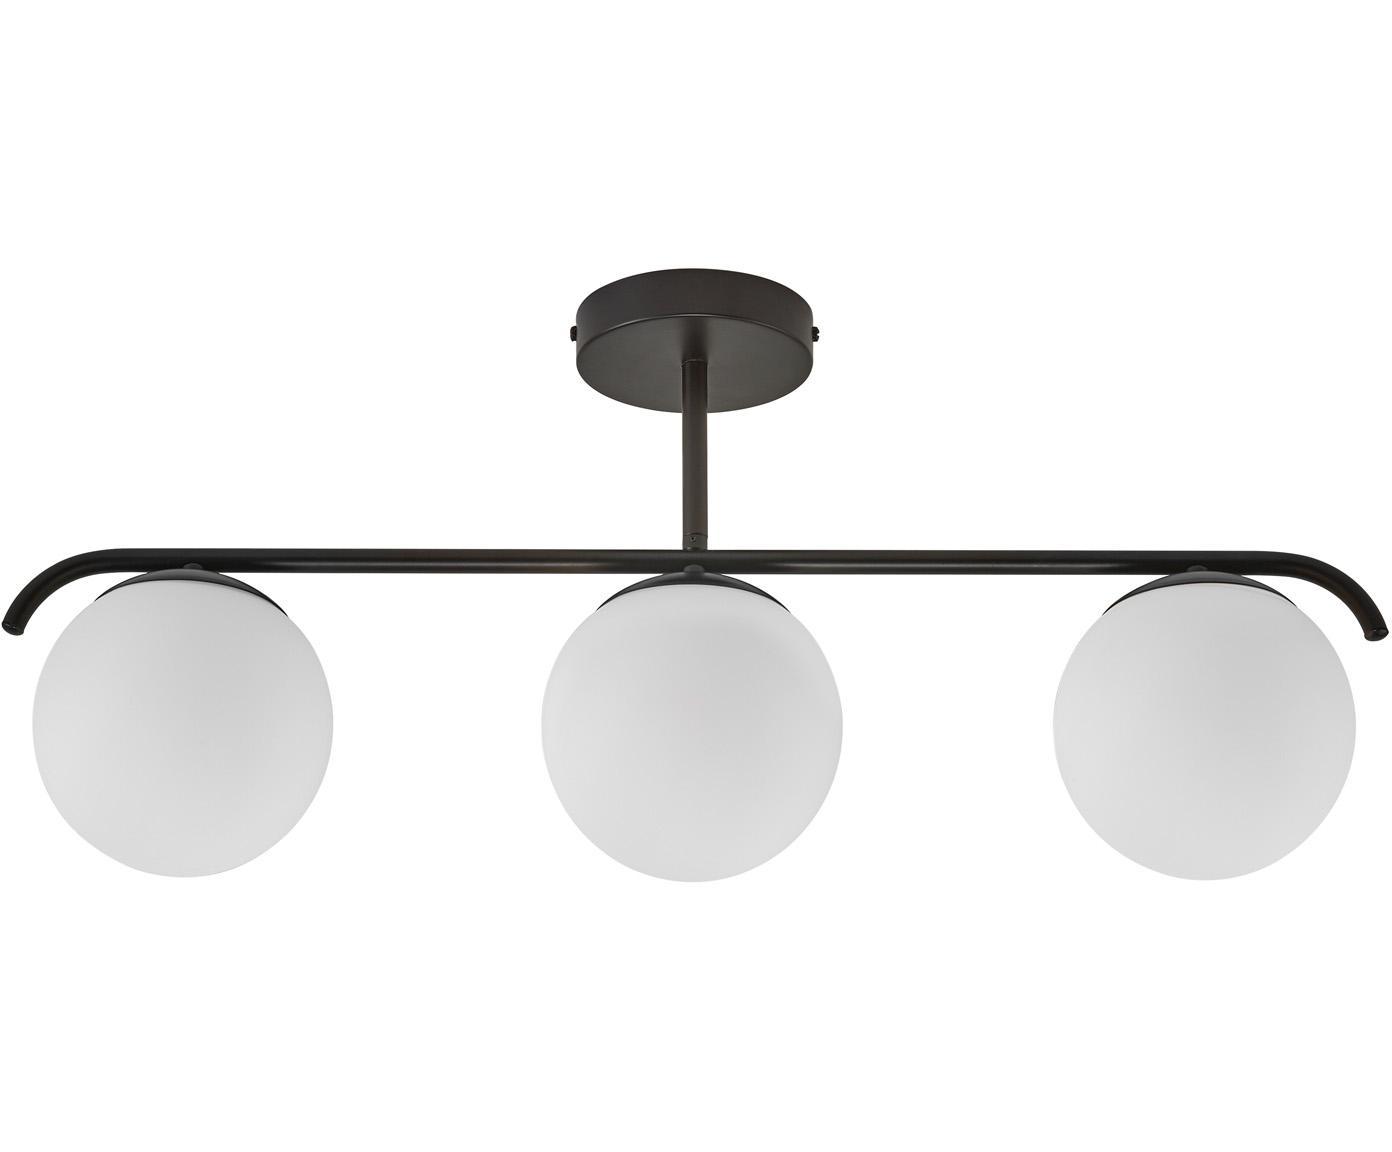 Lámpra de techo de vidrio opalino Grant, Pantalla: vidrio, Estructura: metal recubierto, Anclaje: metal recubierto, Blanco, negro, L 70 x Al 30 cm